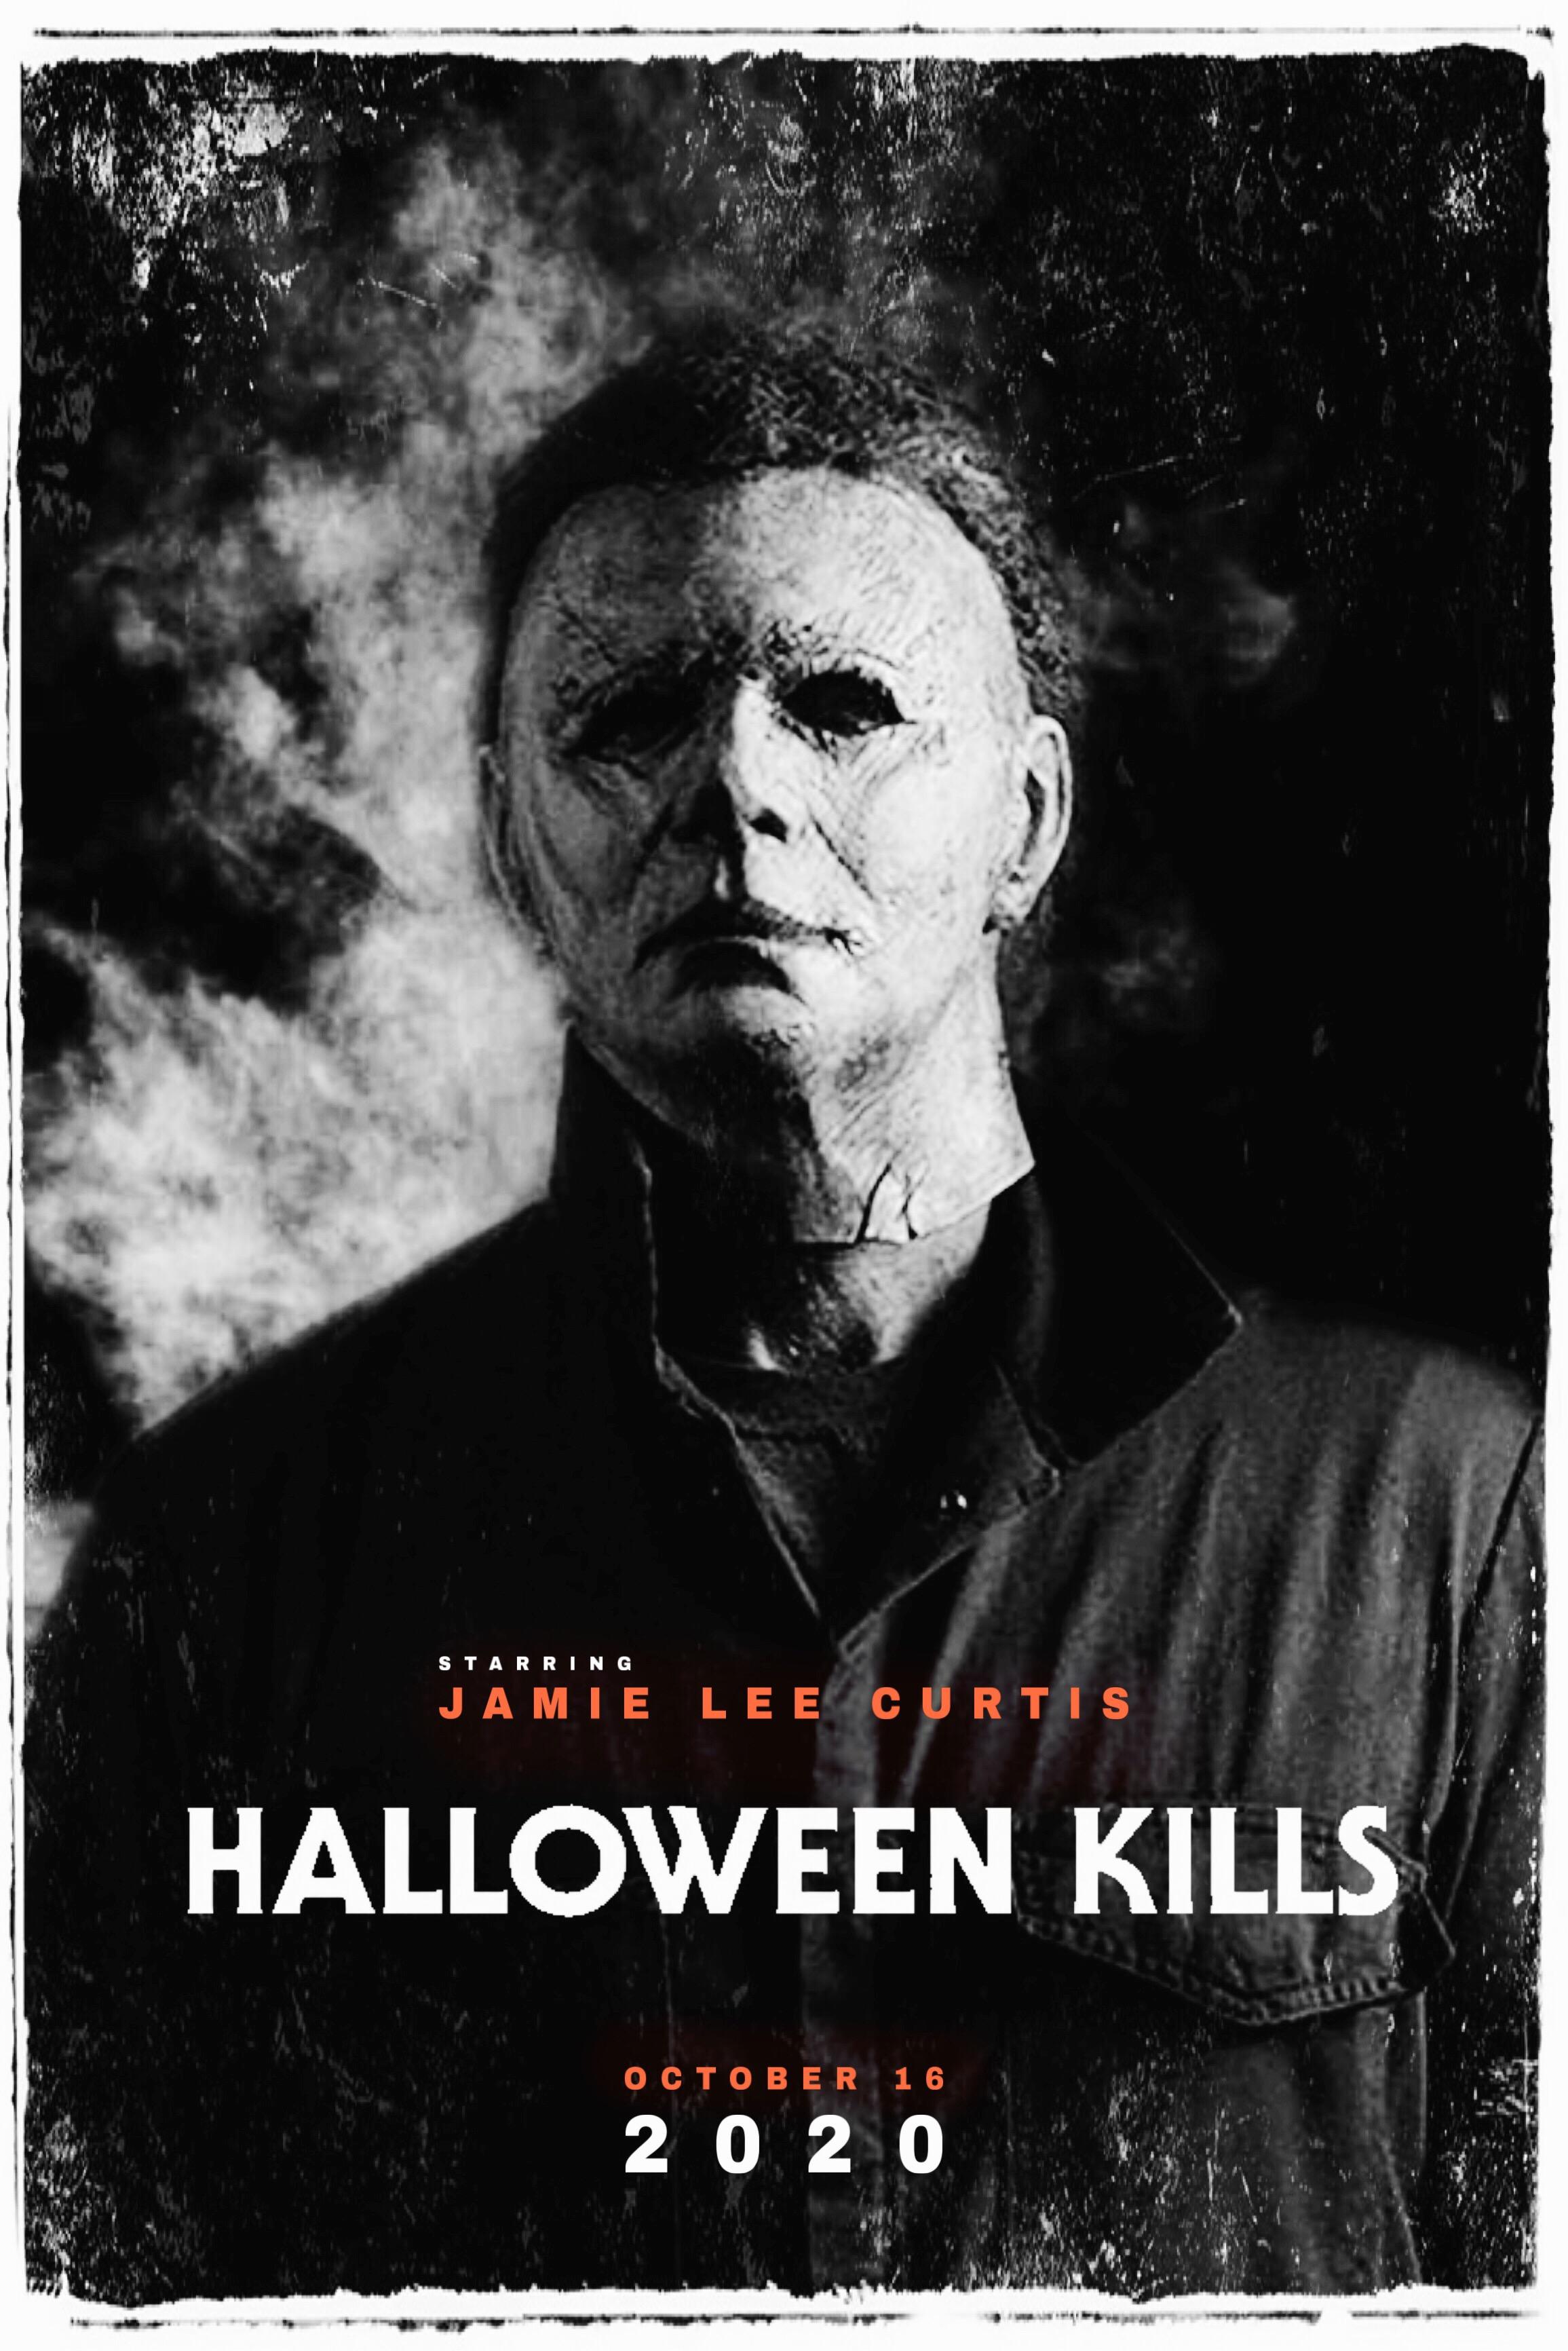 HalloweenKills.jpg